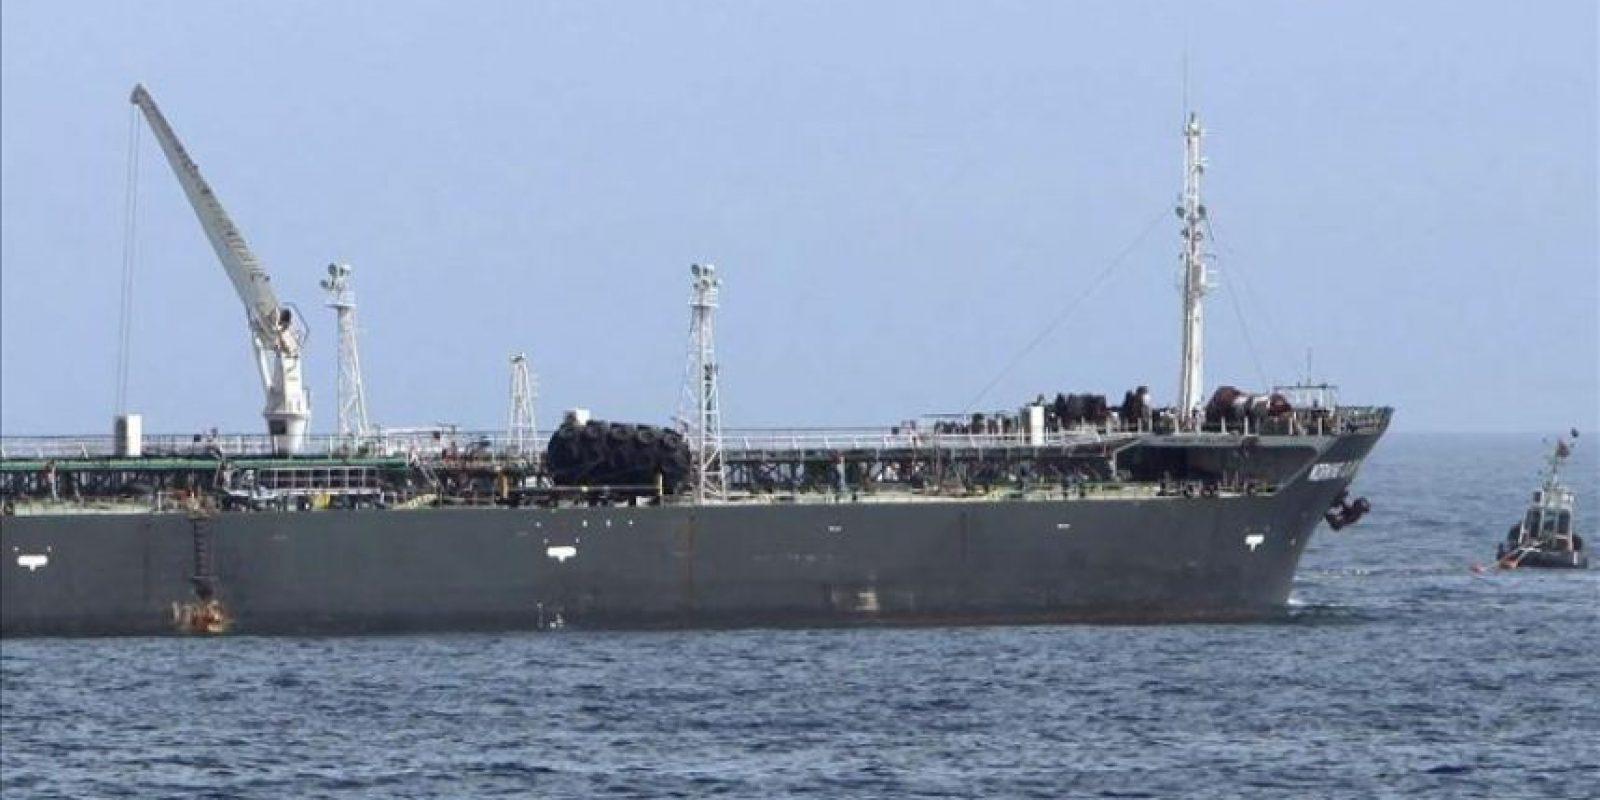 Imagen de archivo de un petrolero en Libia. EFE/Archivo